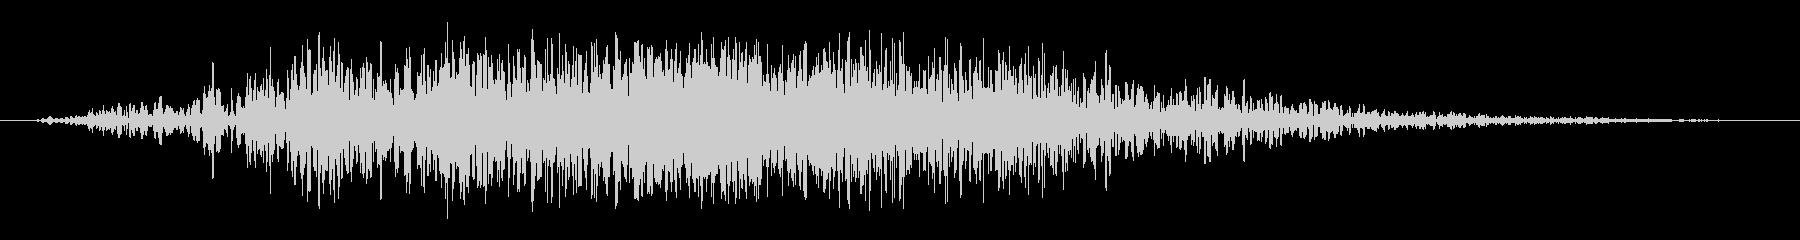 マーキュリーサンダーの未再生の波形